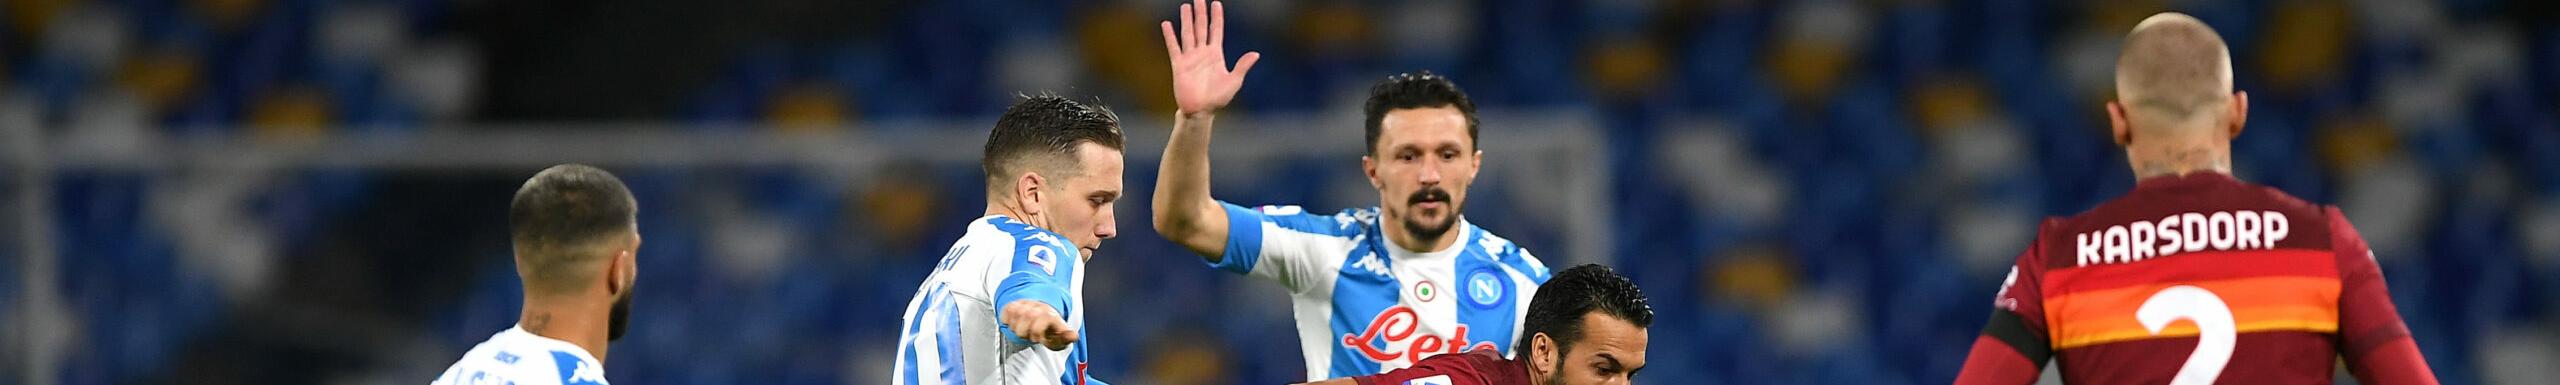 Roma-Napoli, derby del Sole con vista Champions